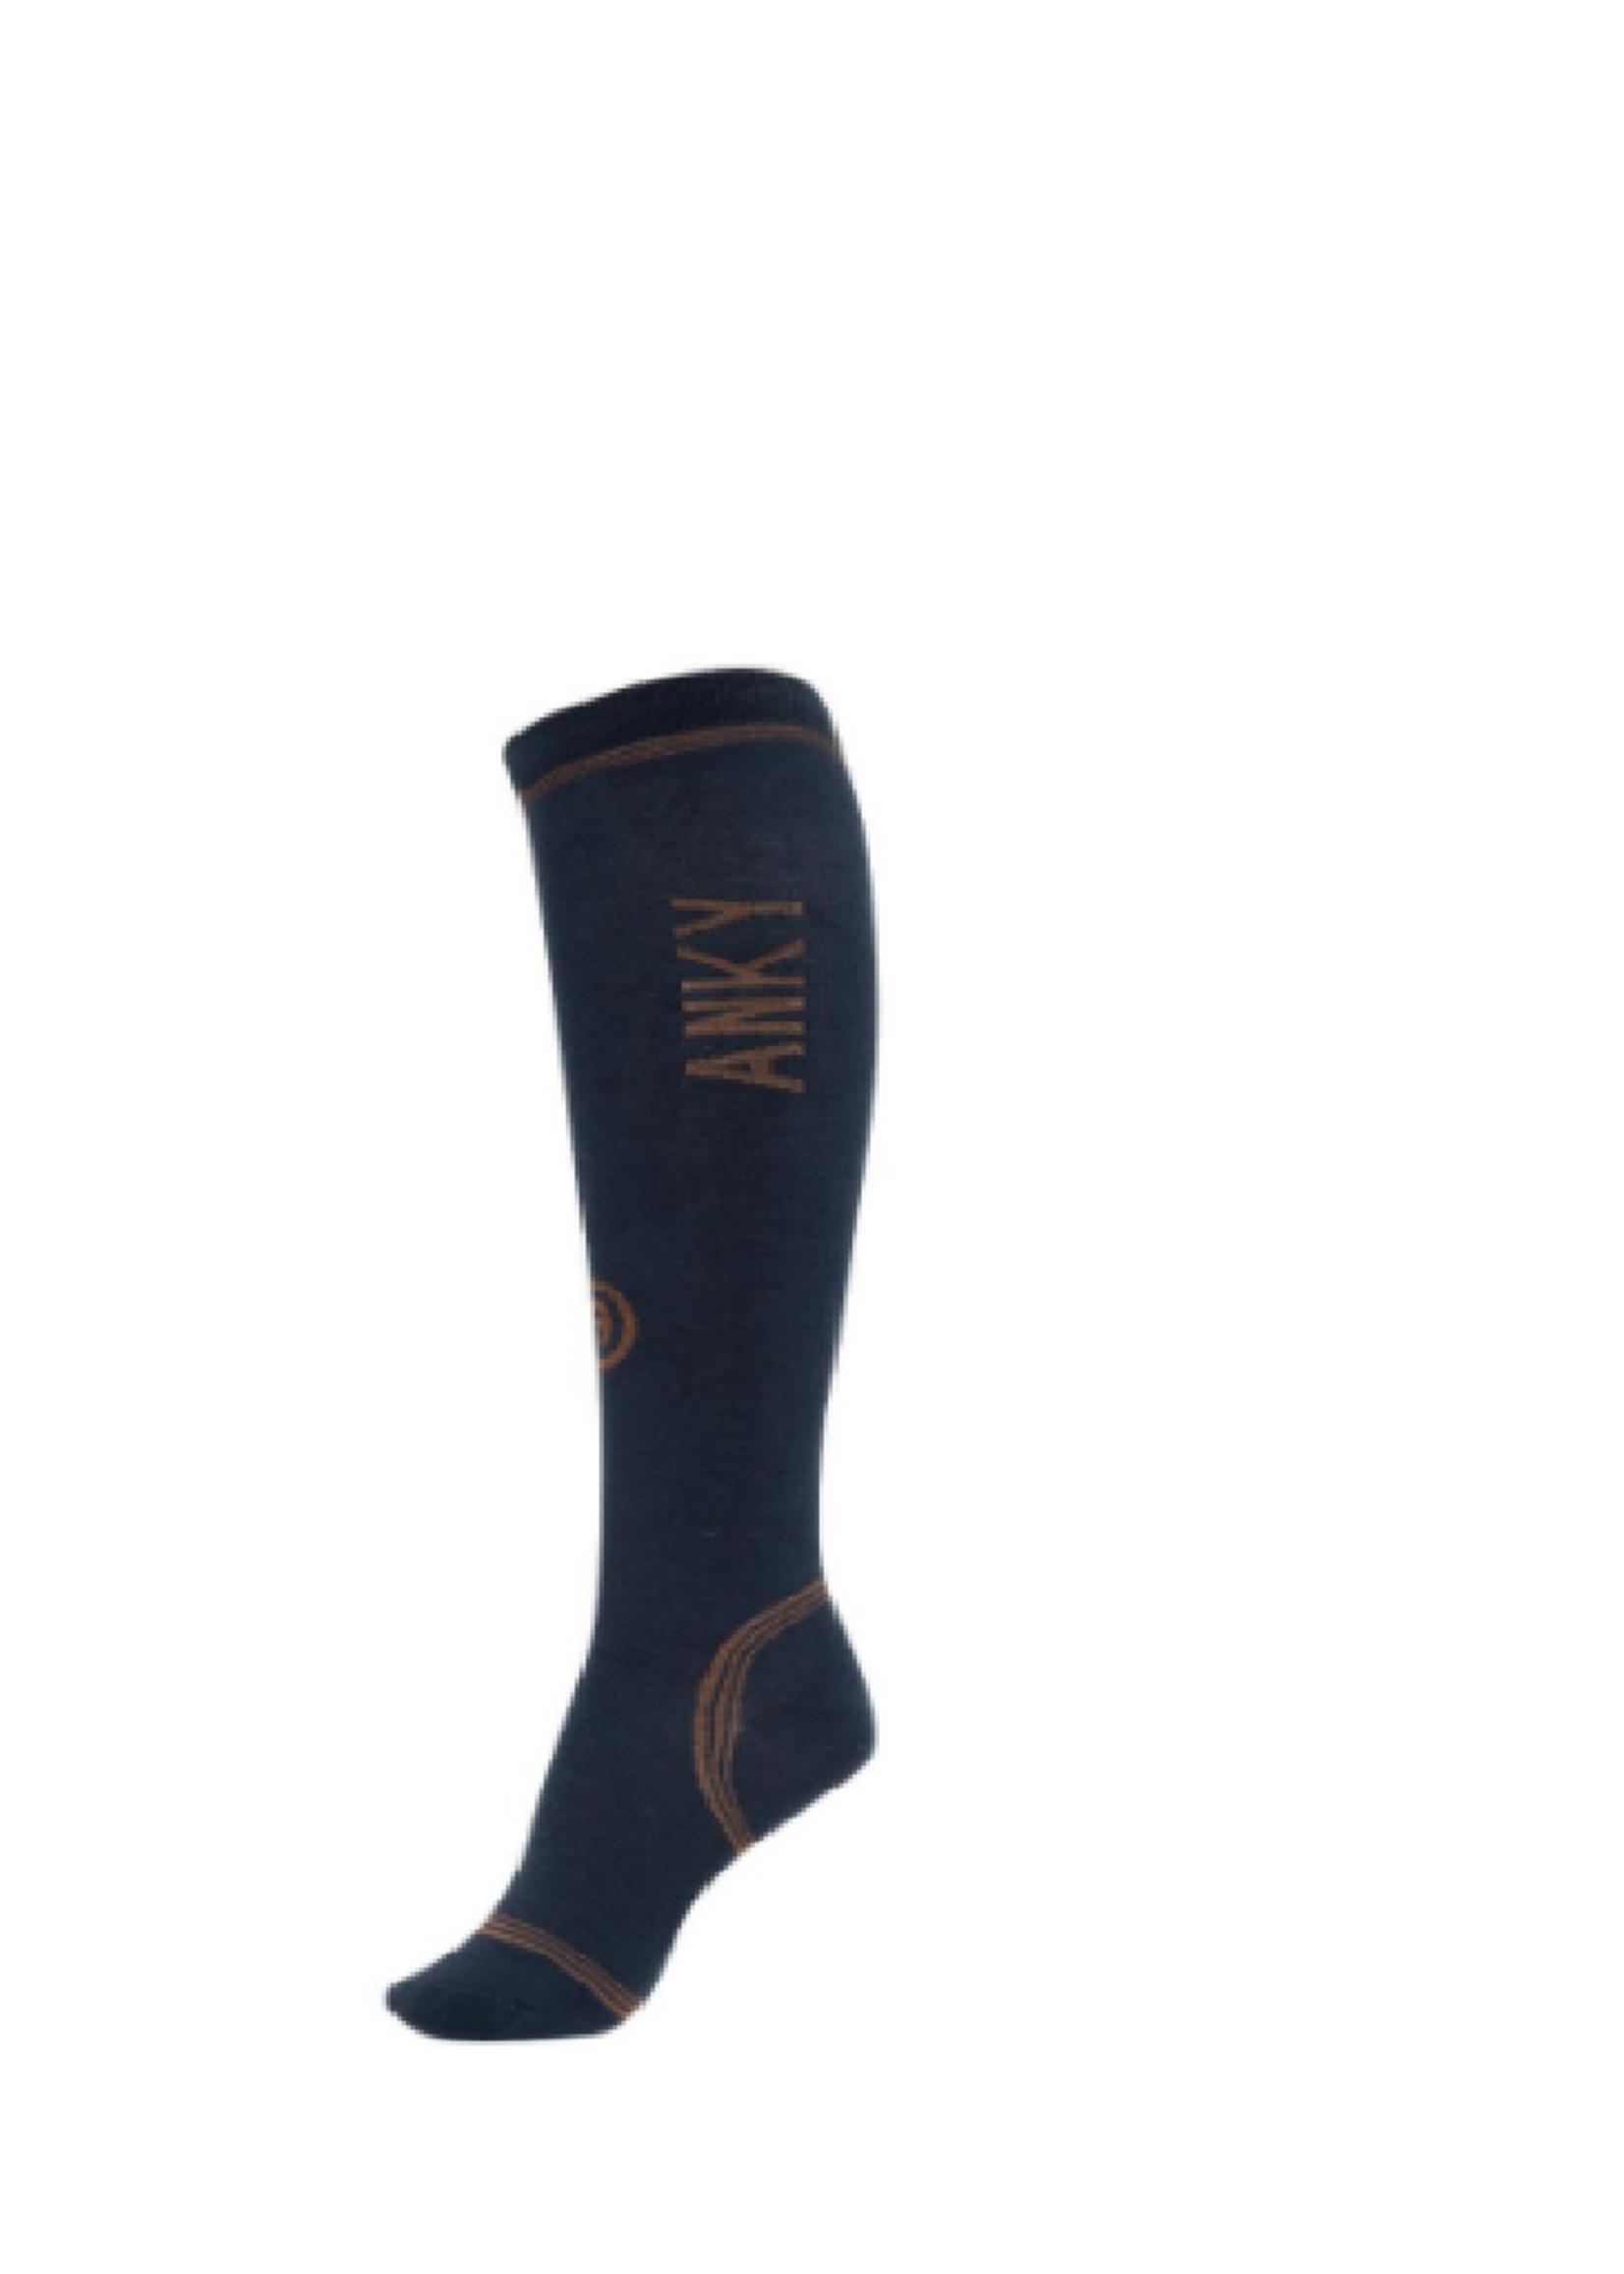 Anky ANKY® Technical Socks